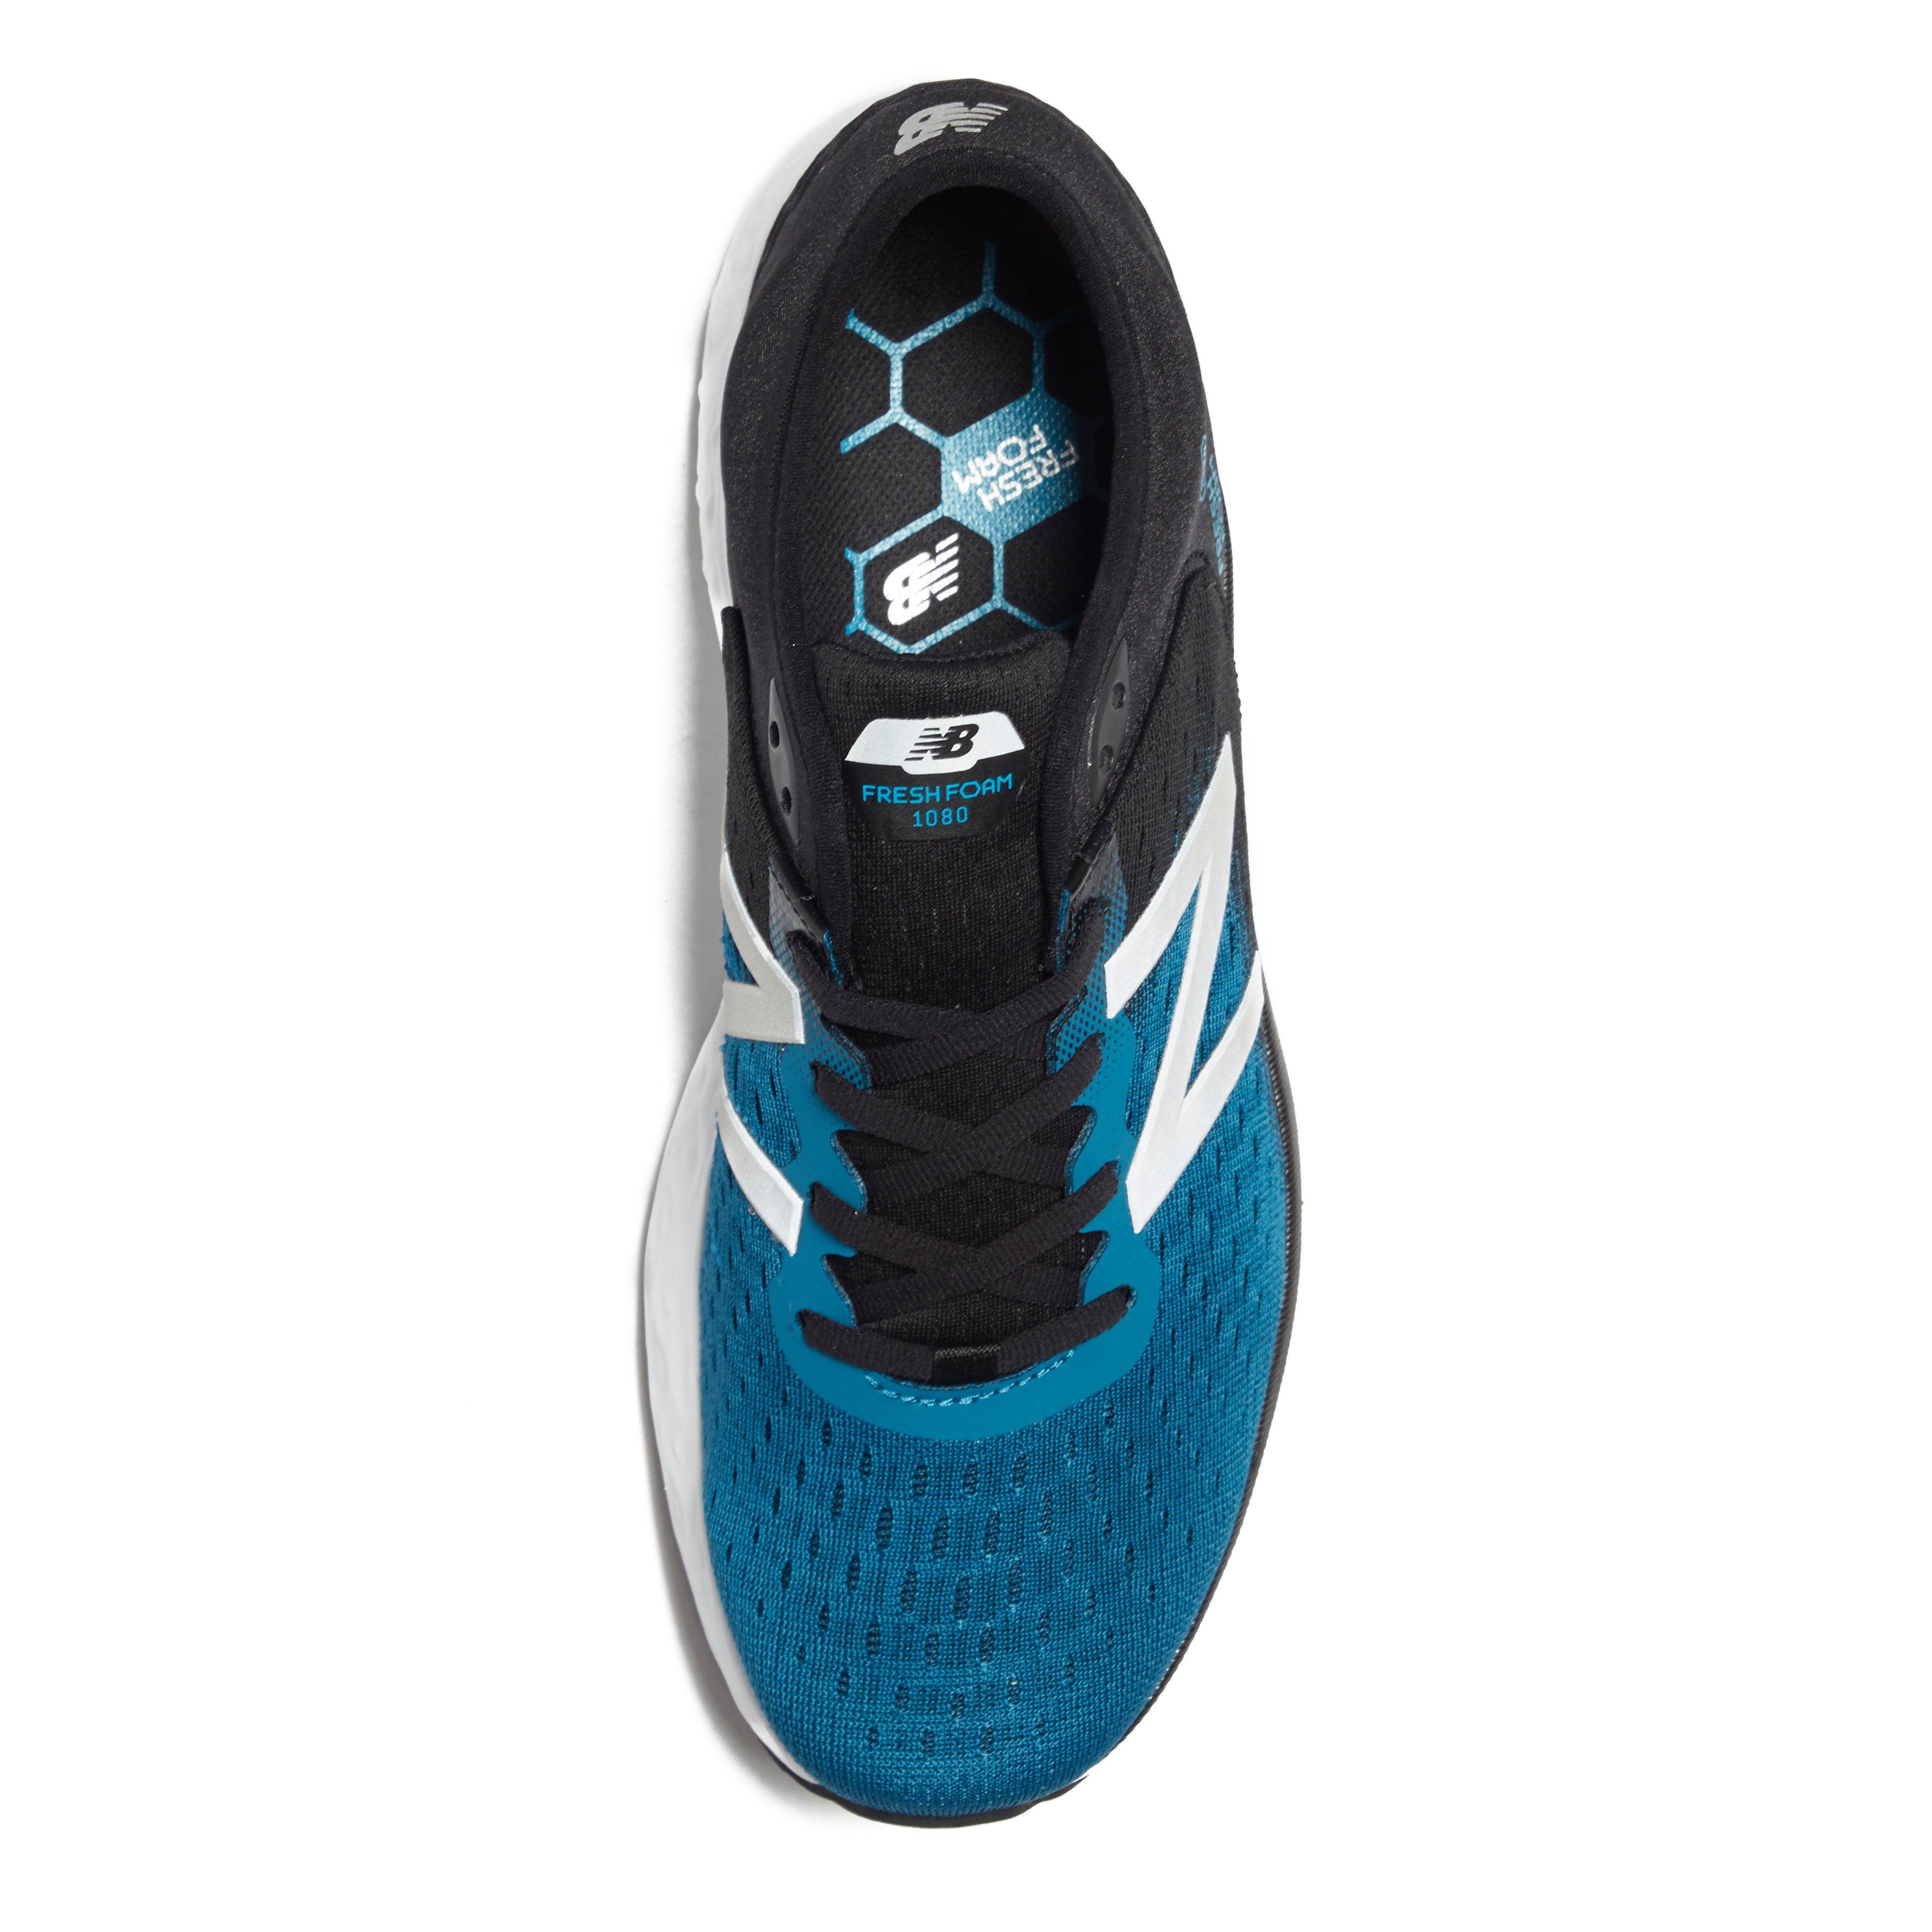 New Balance Fresh Foam 1080V9 Men's Running Shoes